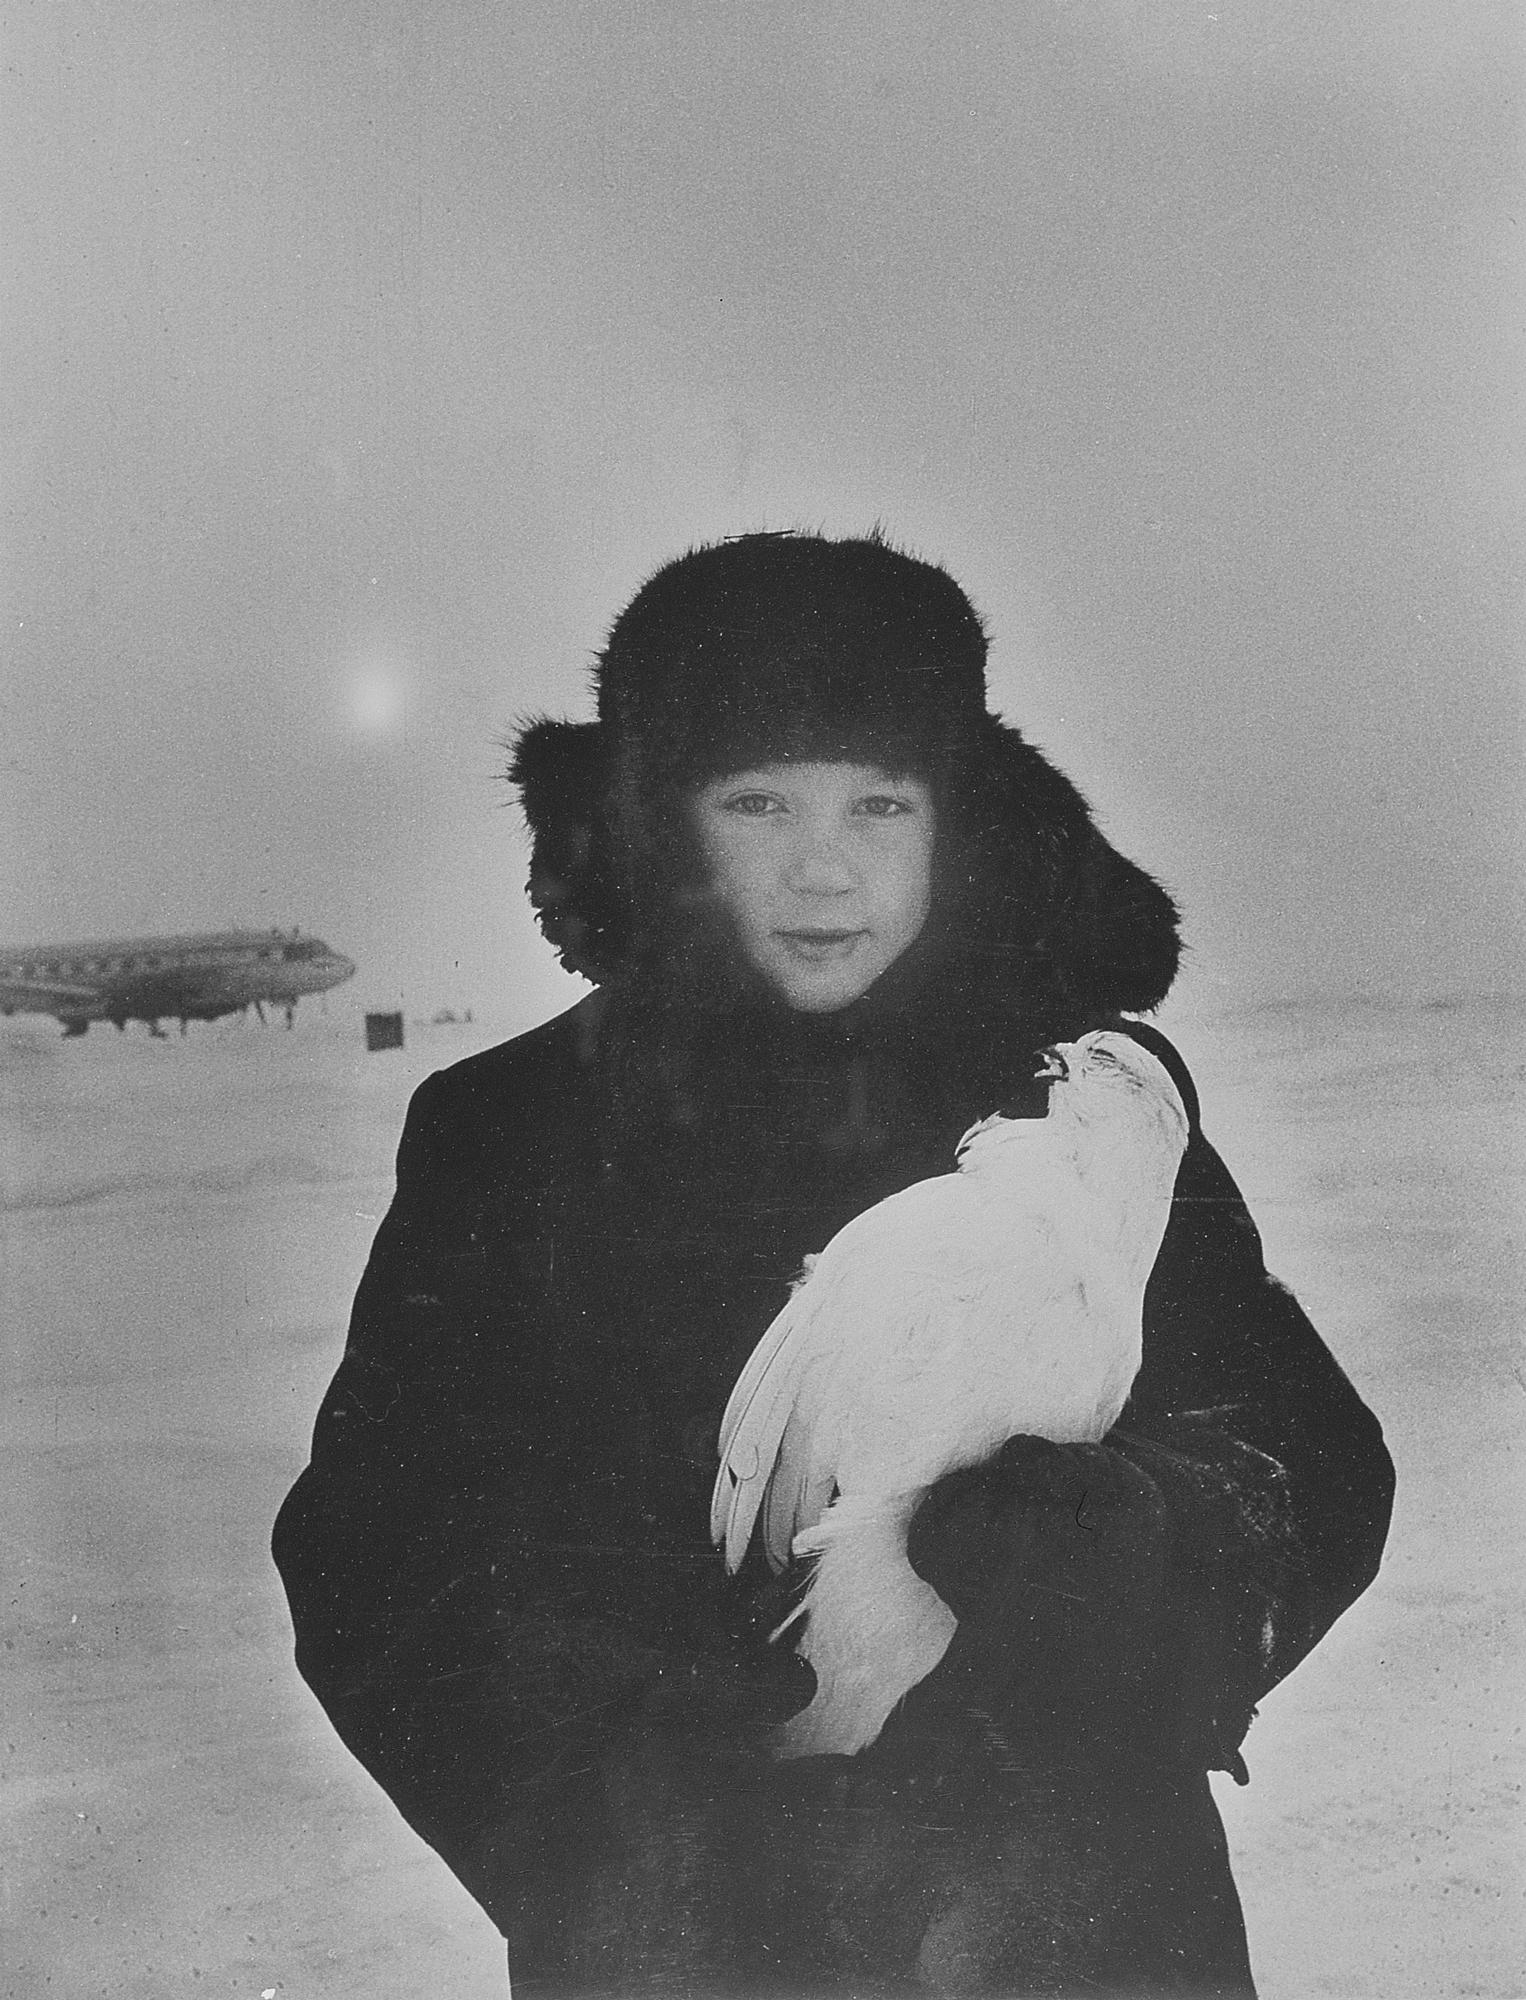 Fotó: Mario de Biasi: Szibéria, 1964 © Mario de Biasi/Mondadori Portfolio